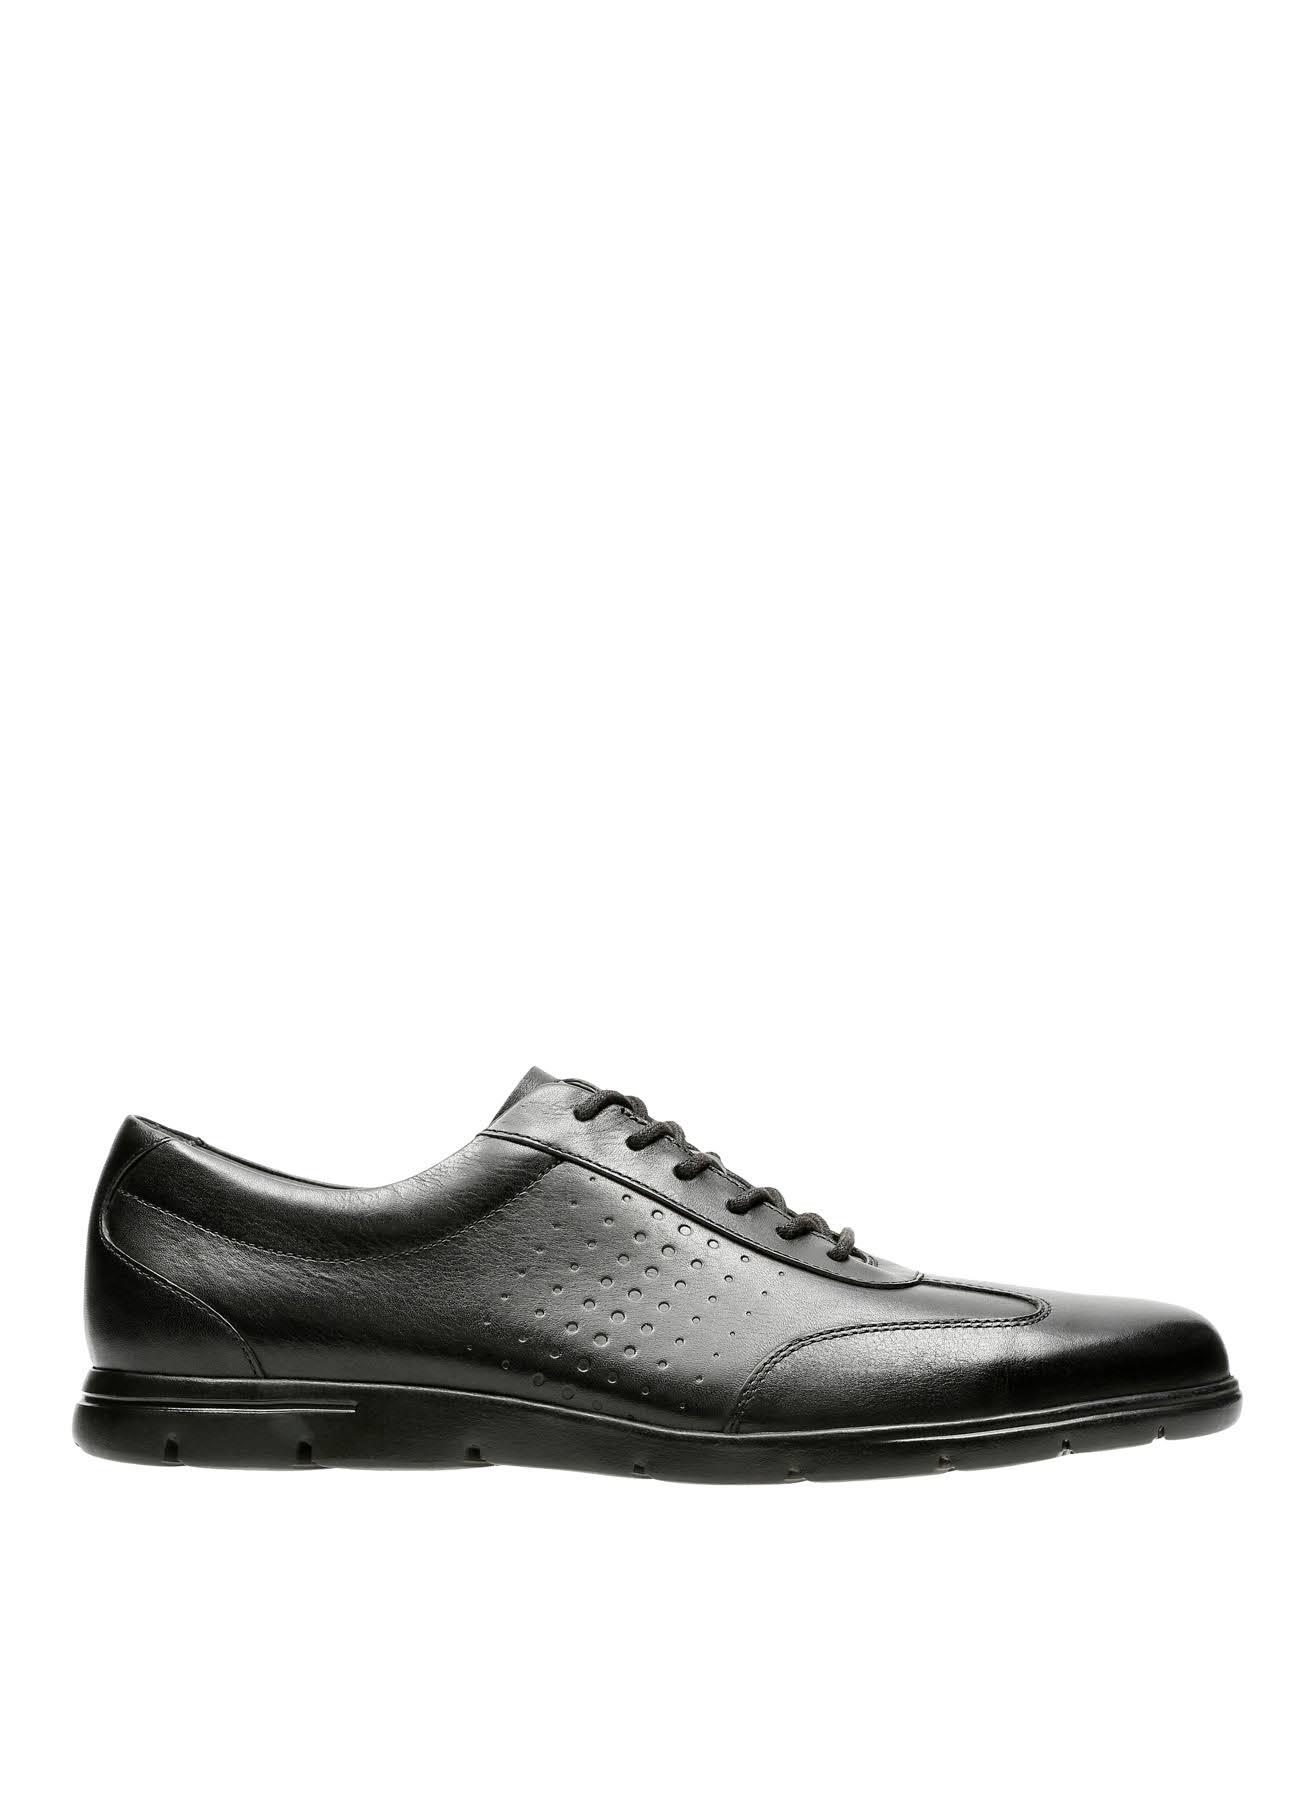 Clarks schoenen Clarks casual schoenen 44 44 casual 5001922673007 Tl3uF1cKJ